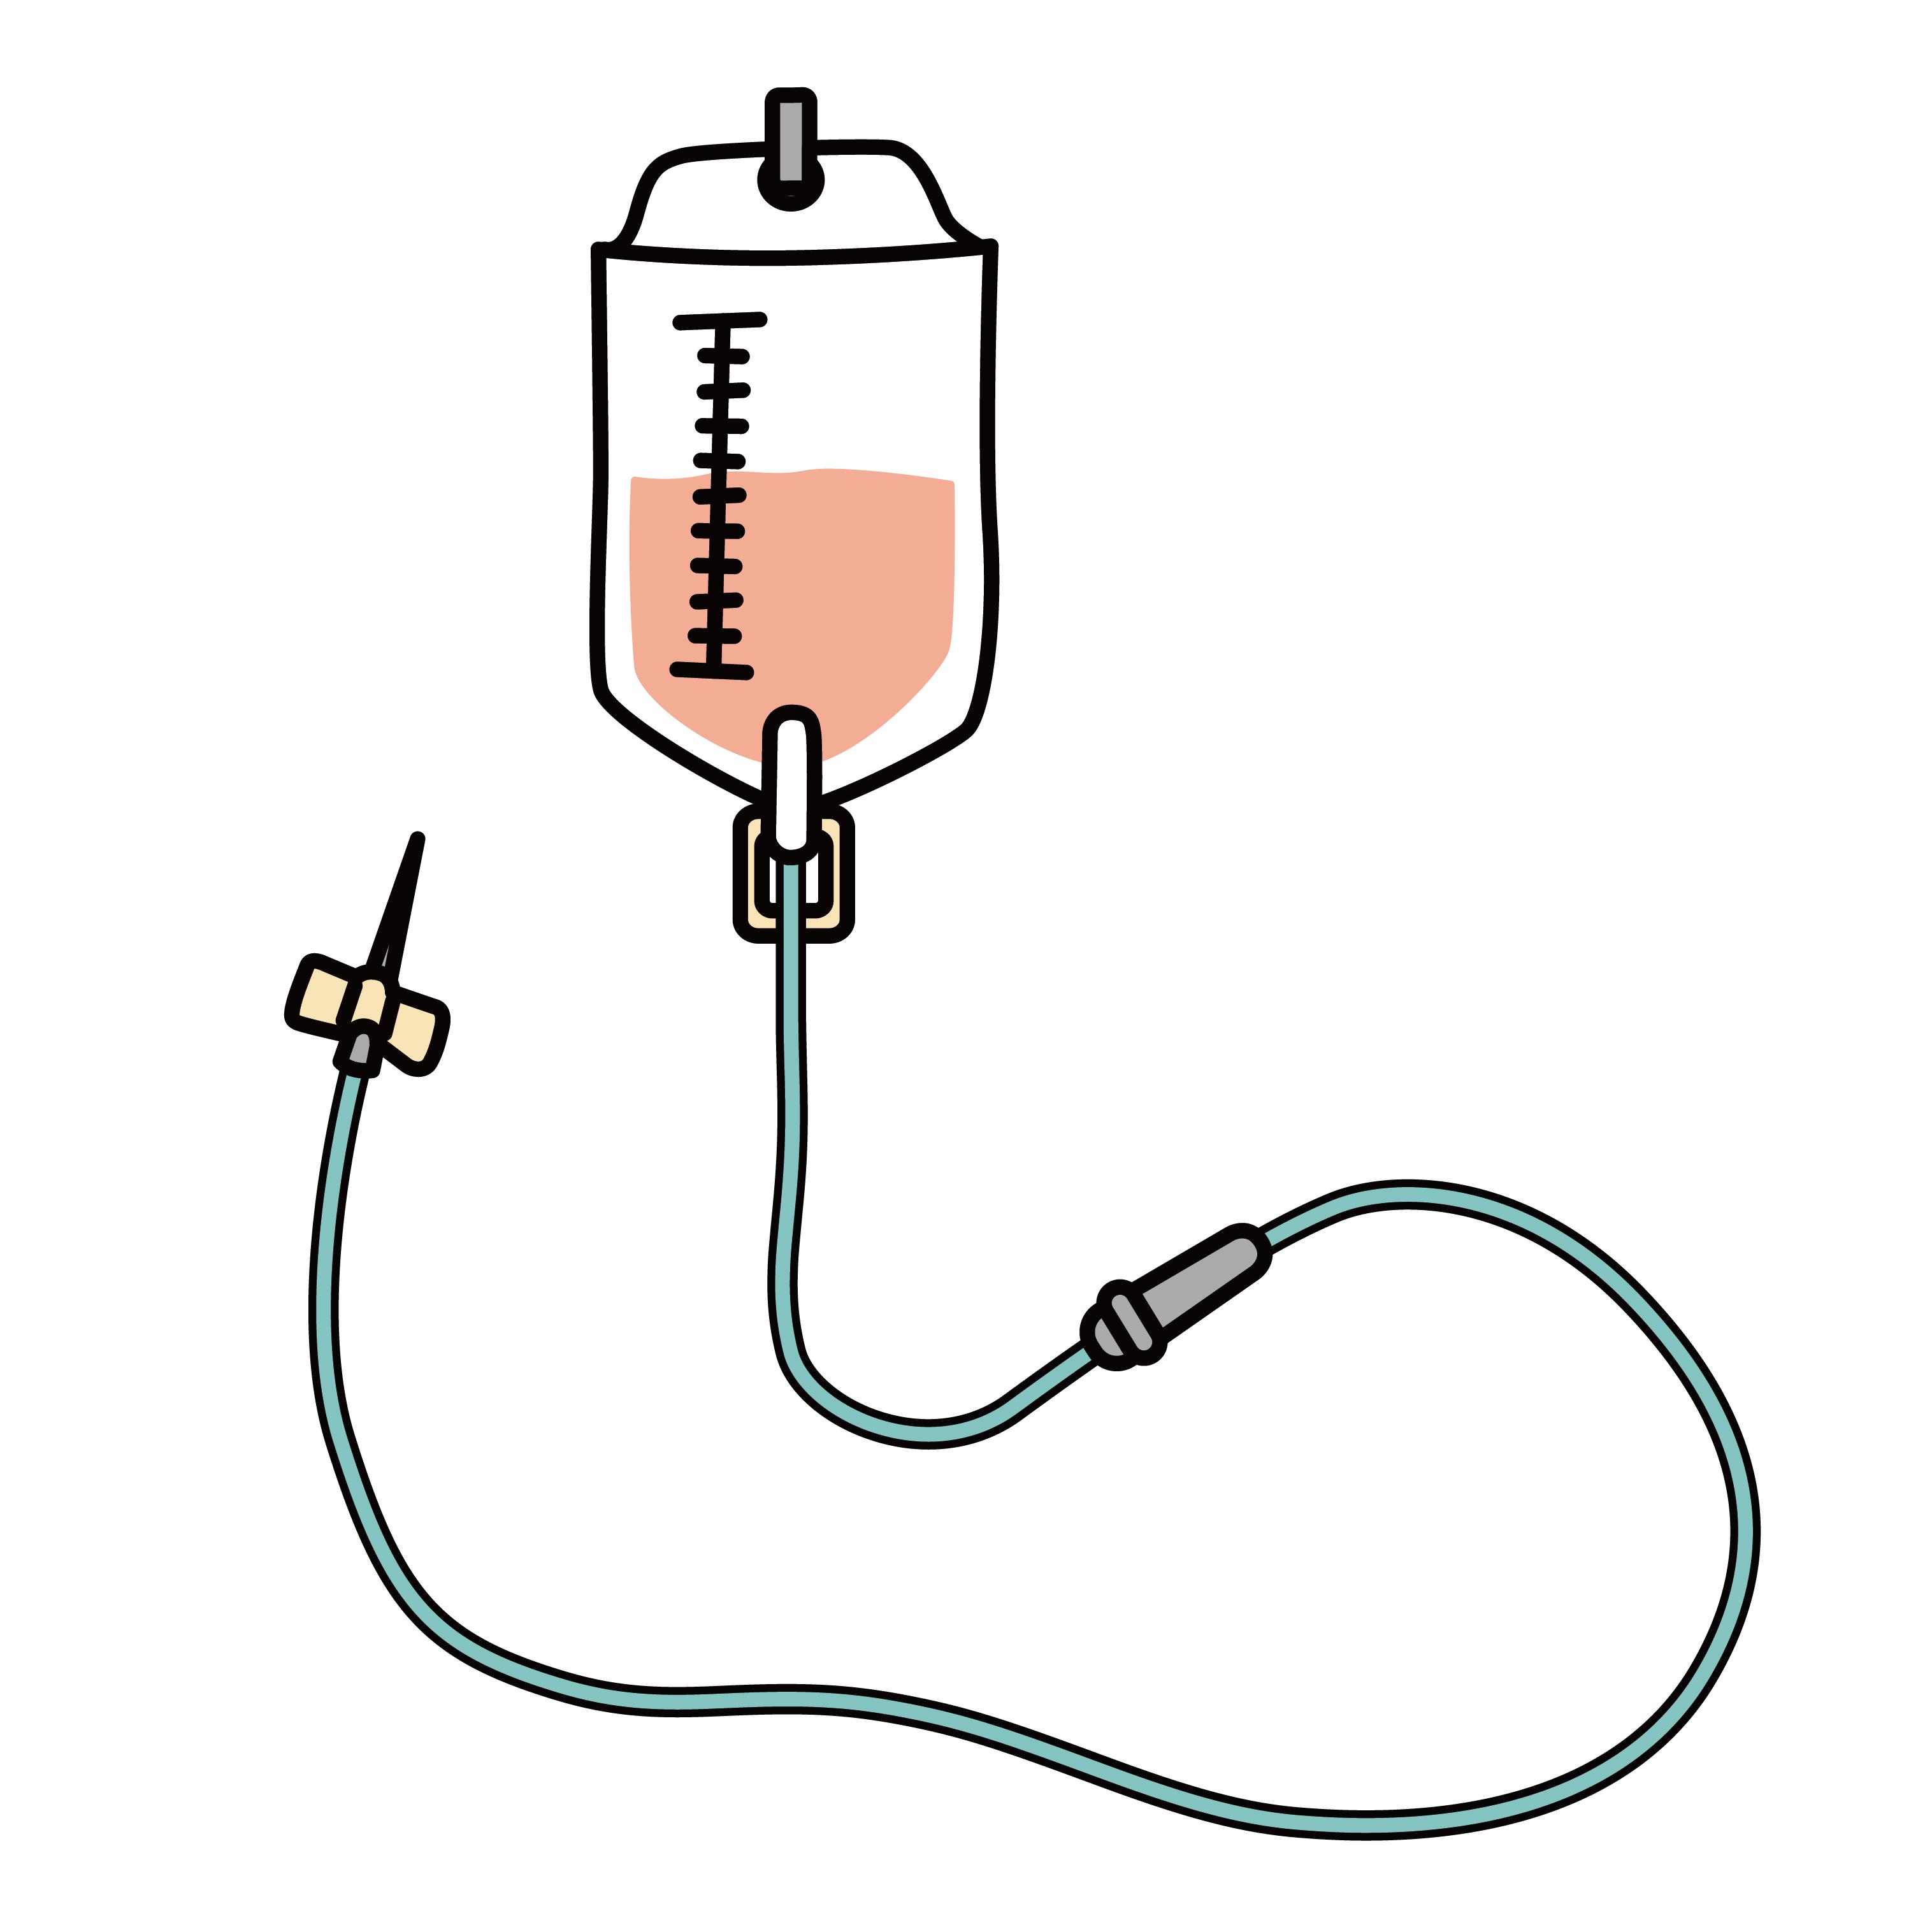 痛風発作で足を引きずり病院に駆け込み、点滴で処置